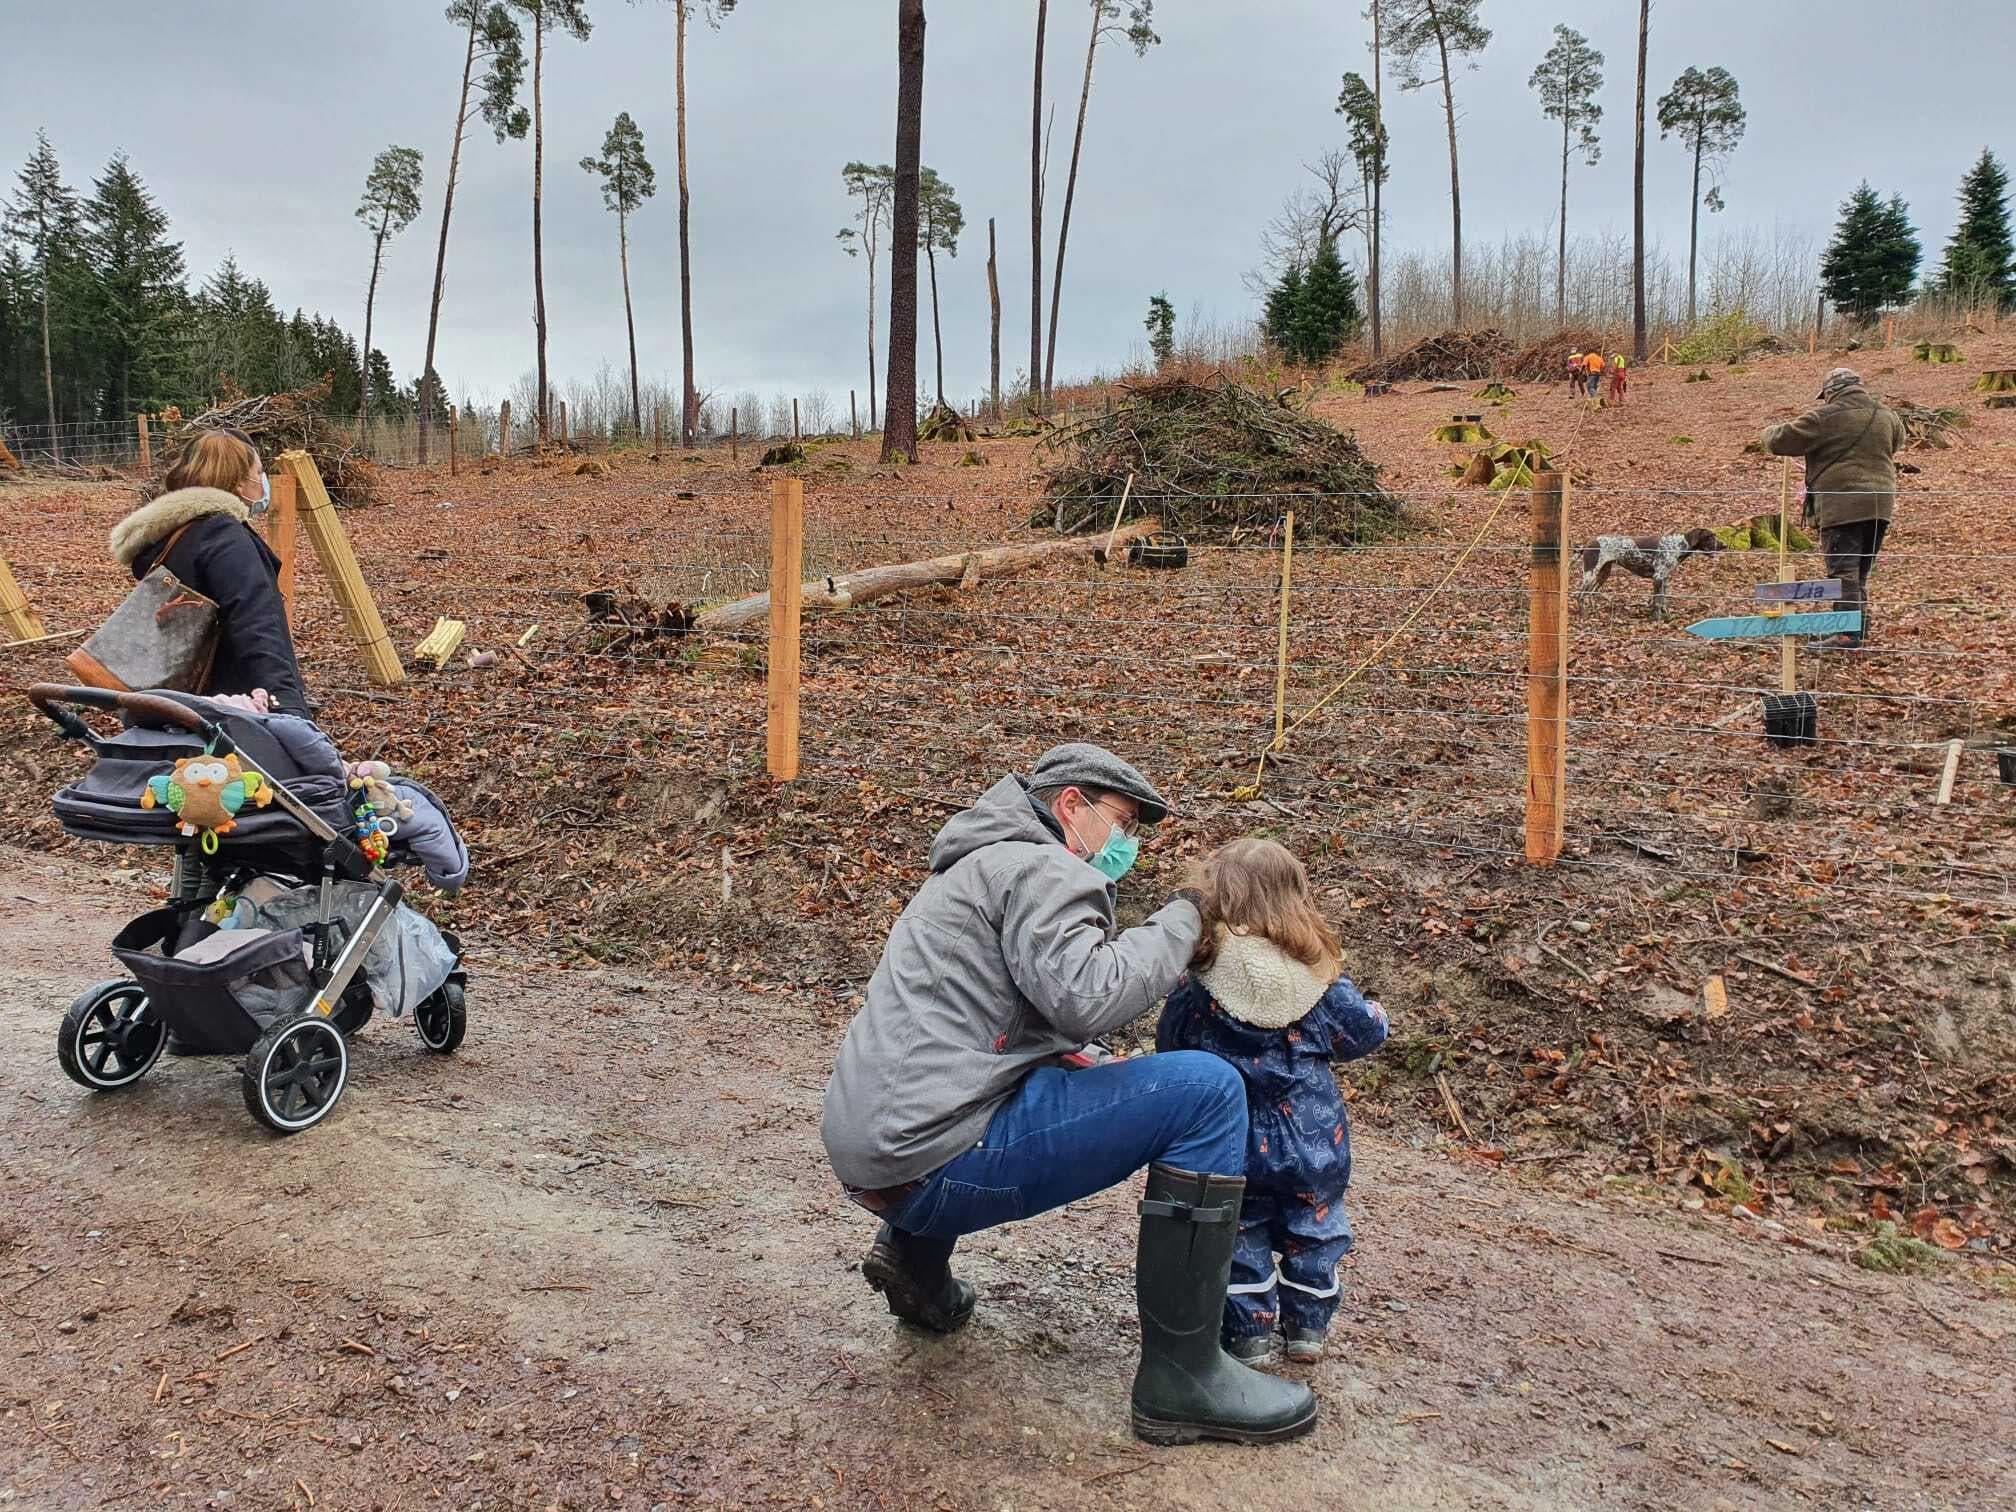 Im Ischlag fand am 27.3. eine Baumpflanzaktion statt. 75 Eichen wurden von Familien gekennzeichnet.